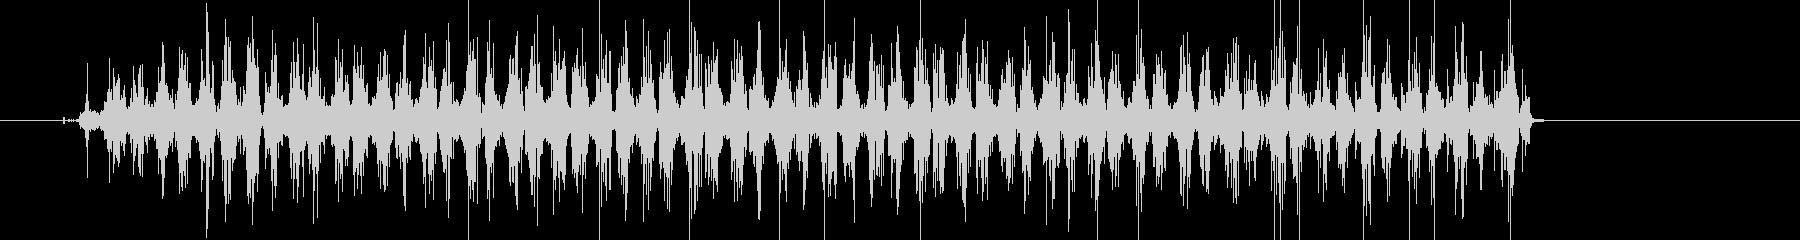 ギーコギーコ何かを擦っている音の未再生の波形